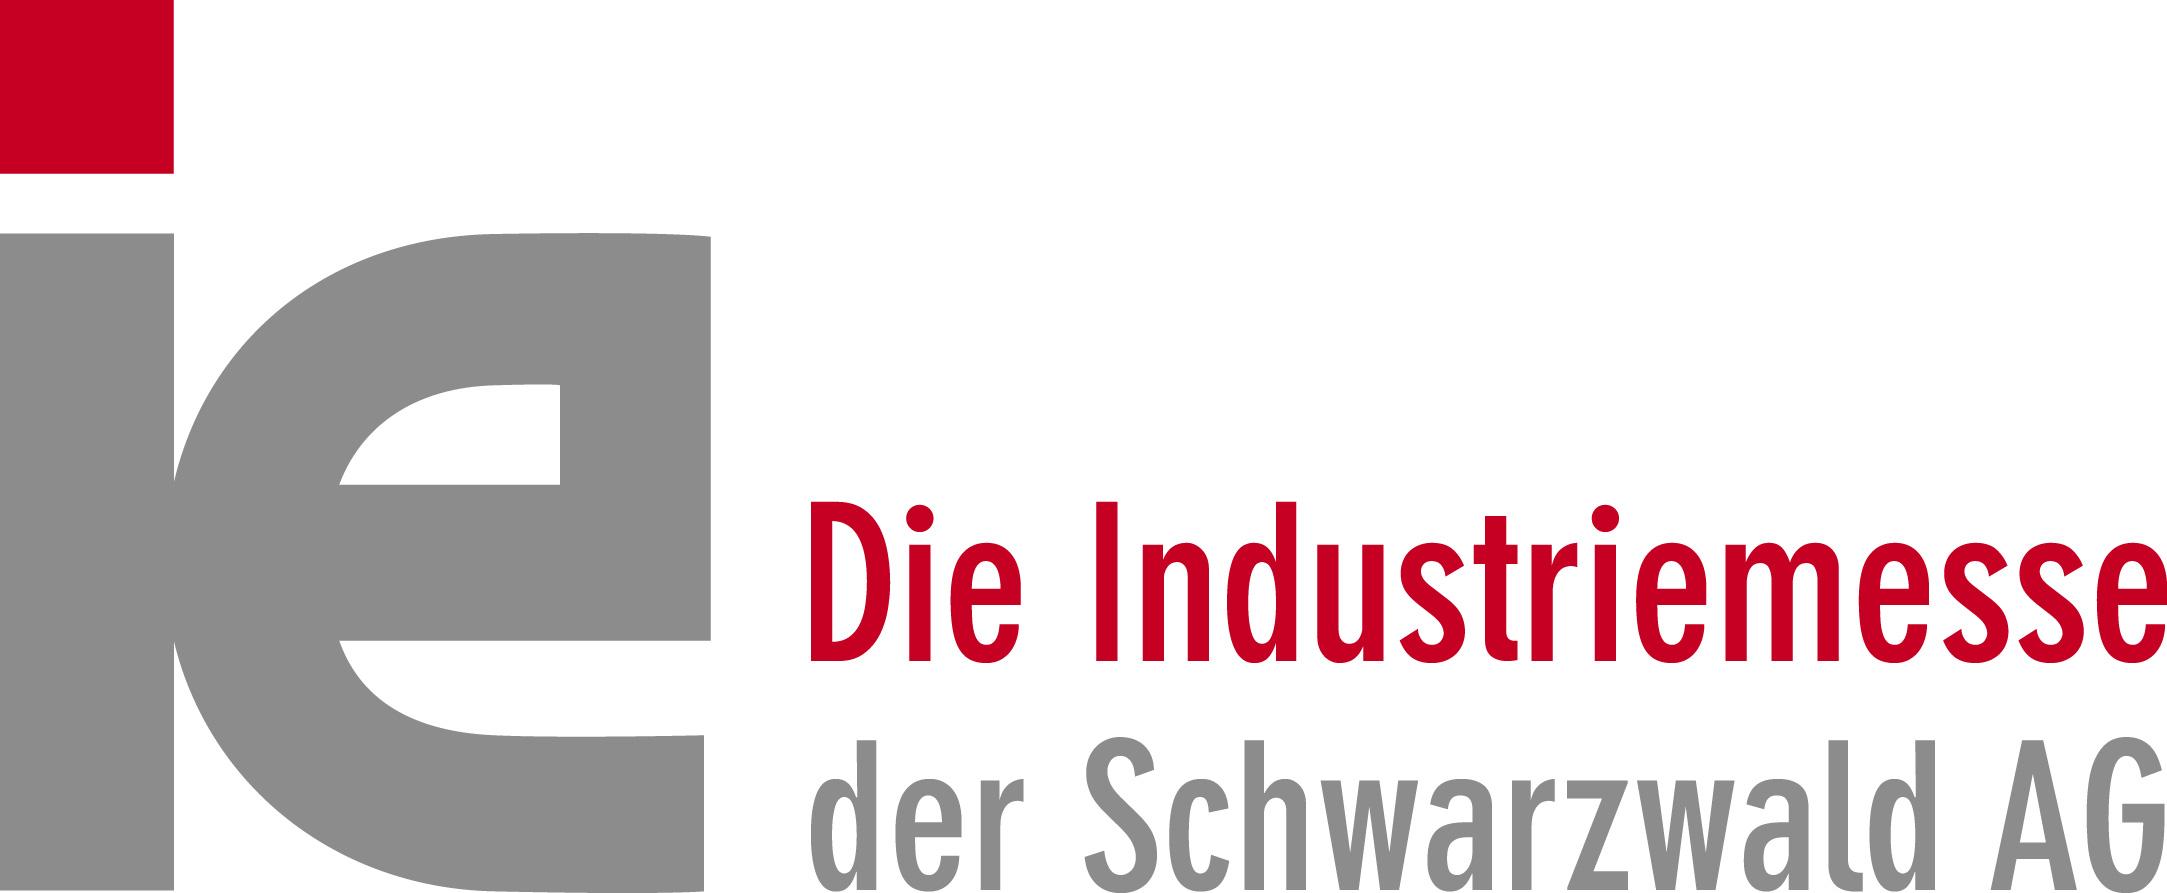 Besuchen Sie uns auf der ie Industriemesse der Schwarzwald AG vom 30.01. bis zum 01.02. 2019 in Freiburg